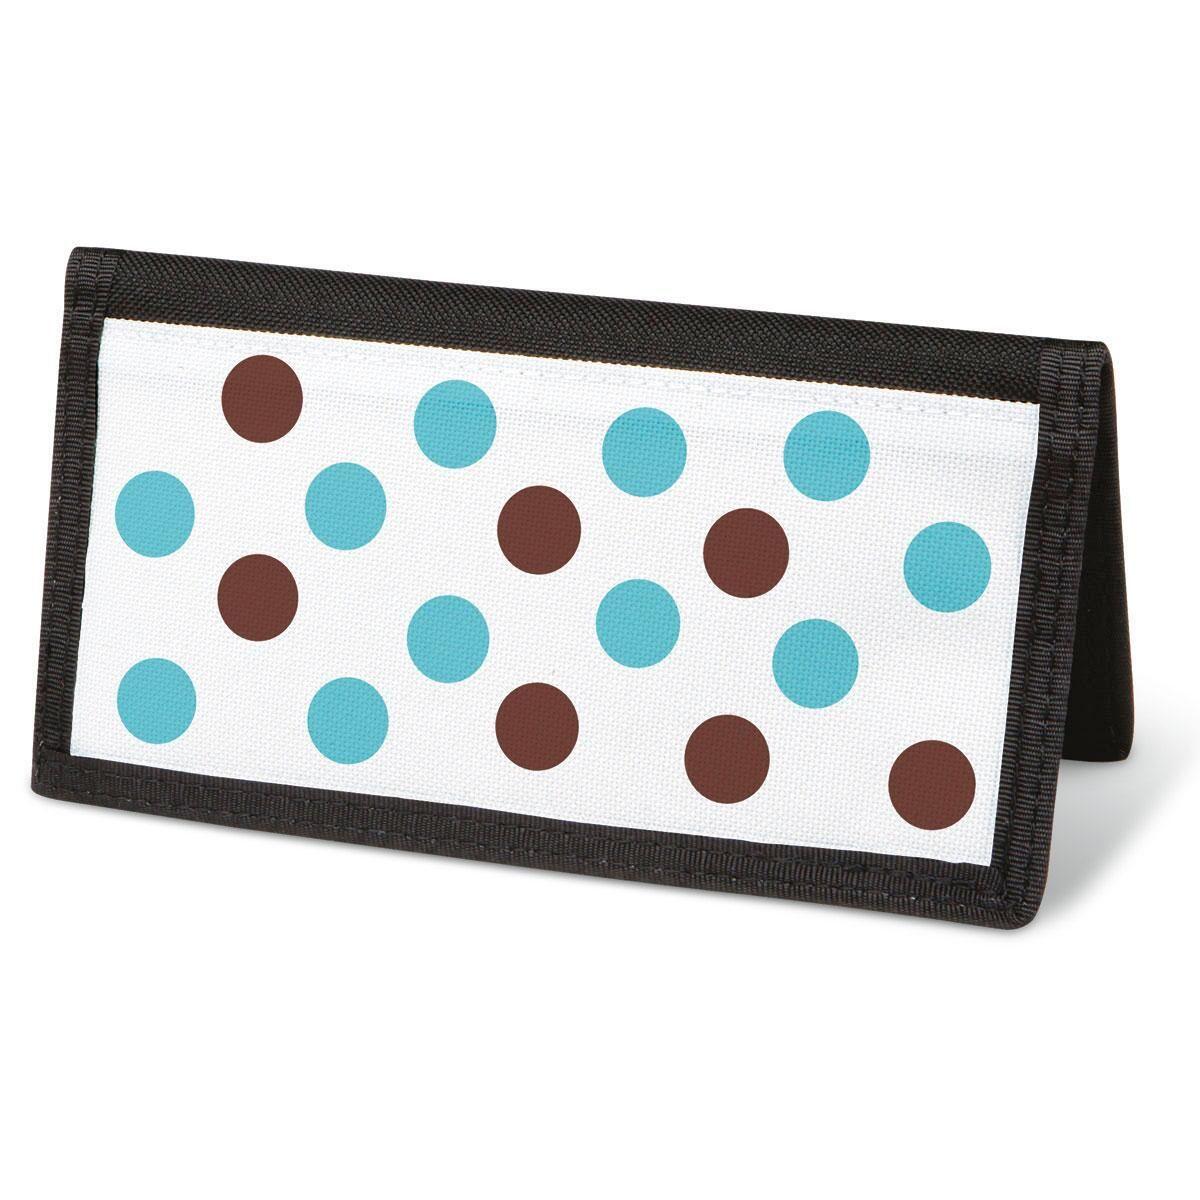 Pastel Dots Checkbook Cover - Non-Personalized